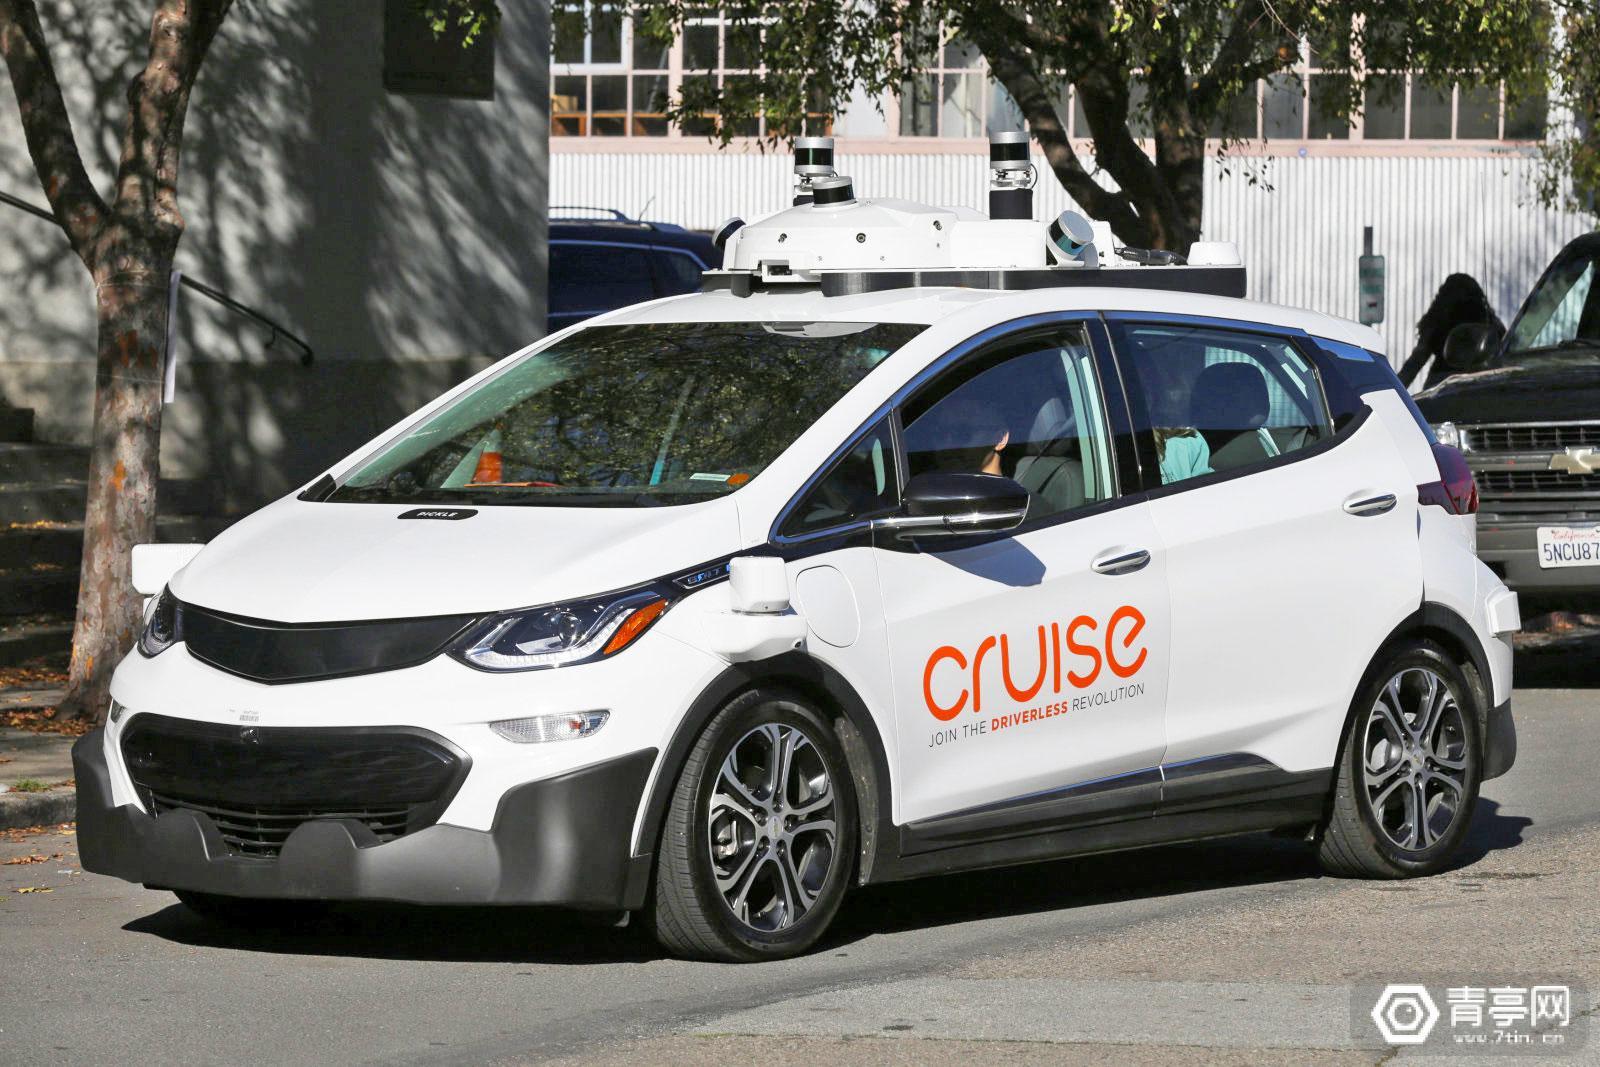 本田自动驾驶计划新进展,向通用Cruise投入20亿美元